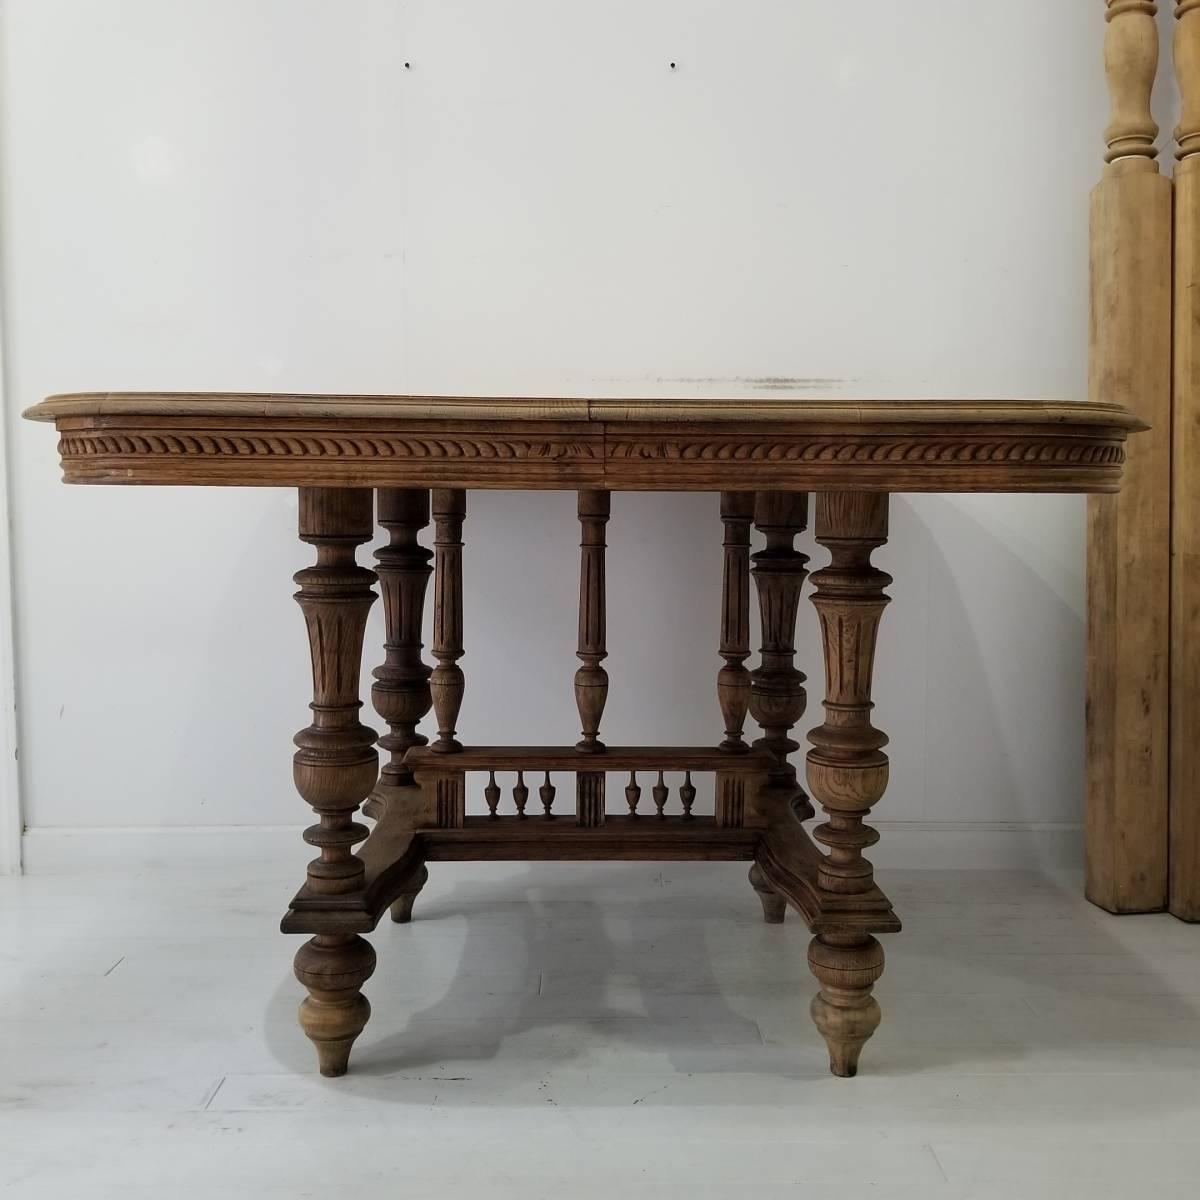 アンティーク 枯れた木味の雰囲気が素敵なアンリ二世 ダイニングテーブル シャビーシック フランス ヴィンテージ ブロカント _画像4